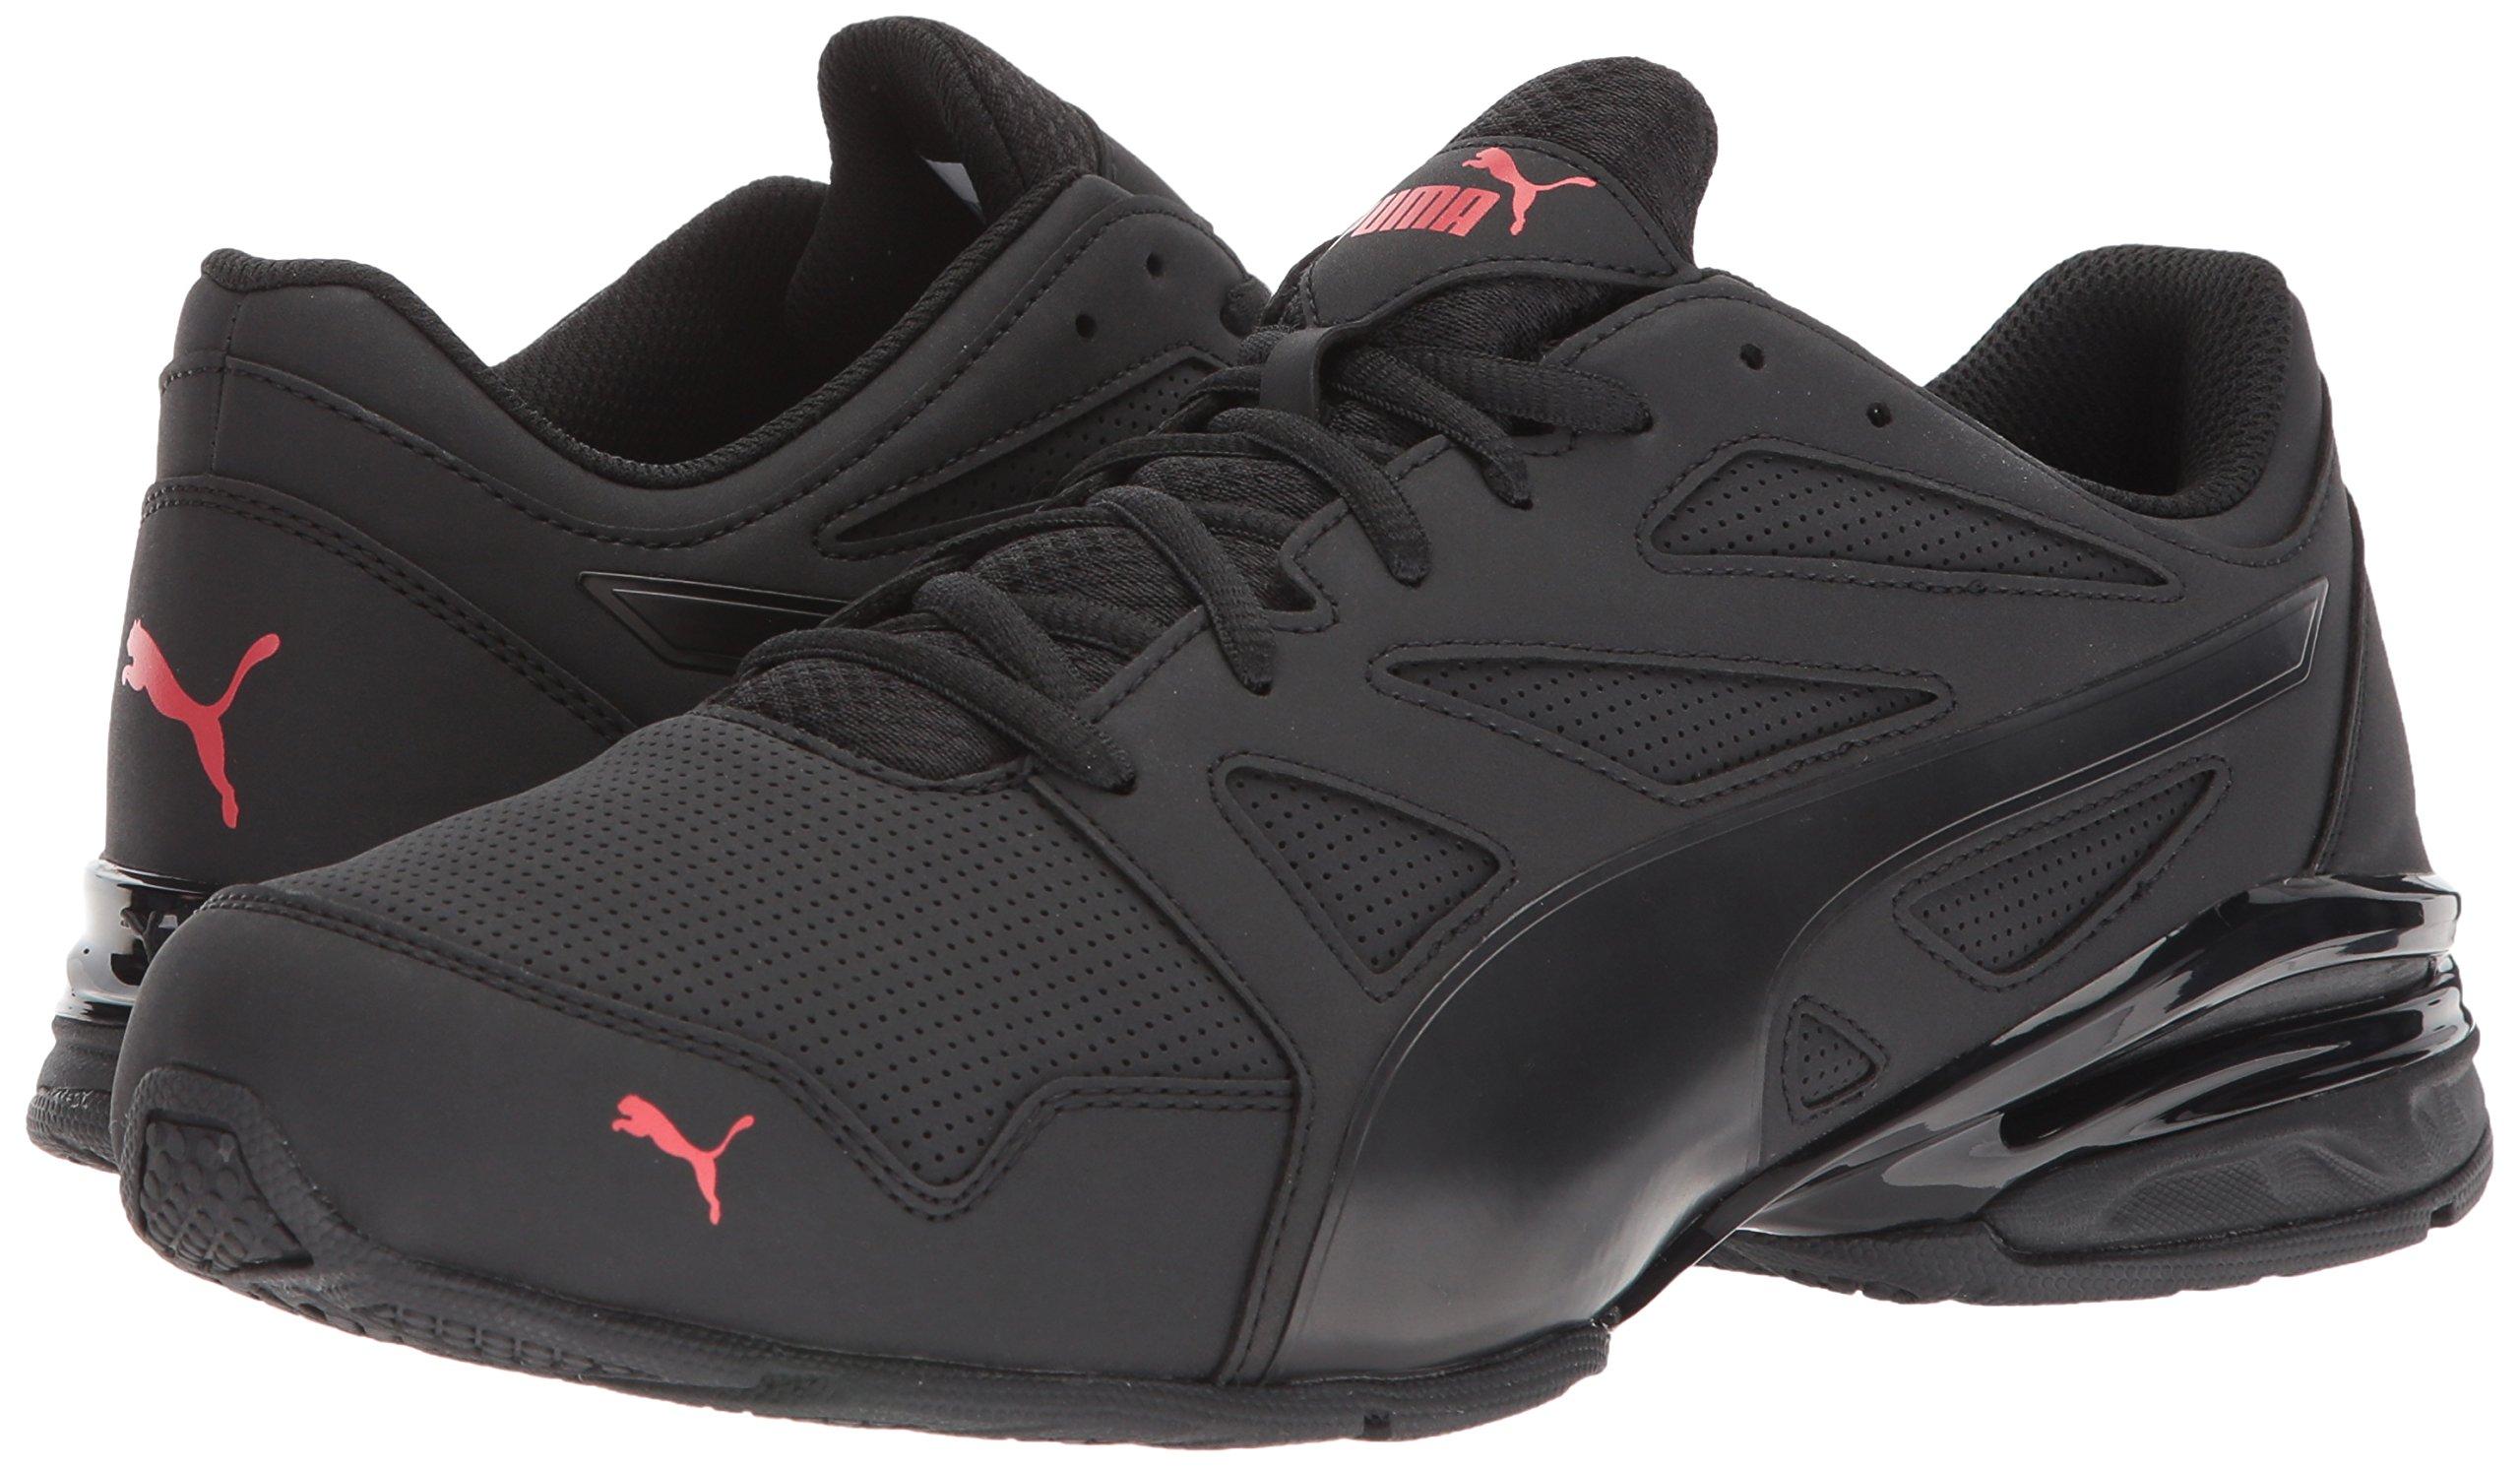 9a0846368e94f PUMA Men's Tazon Modern SL FM Sneaker,puma black-high risk red,9.5 M ...